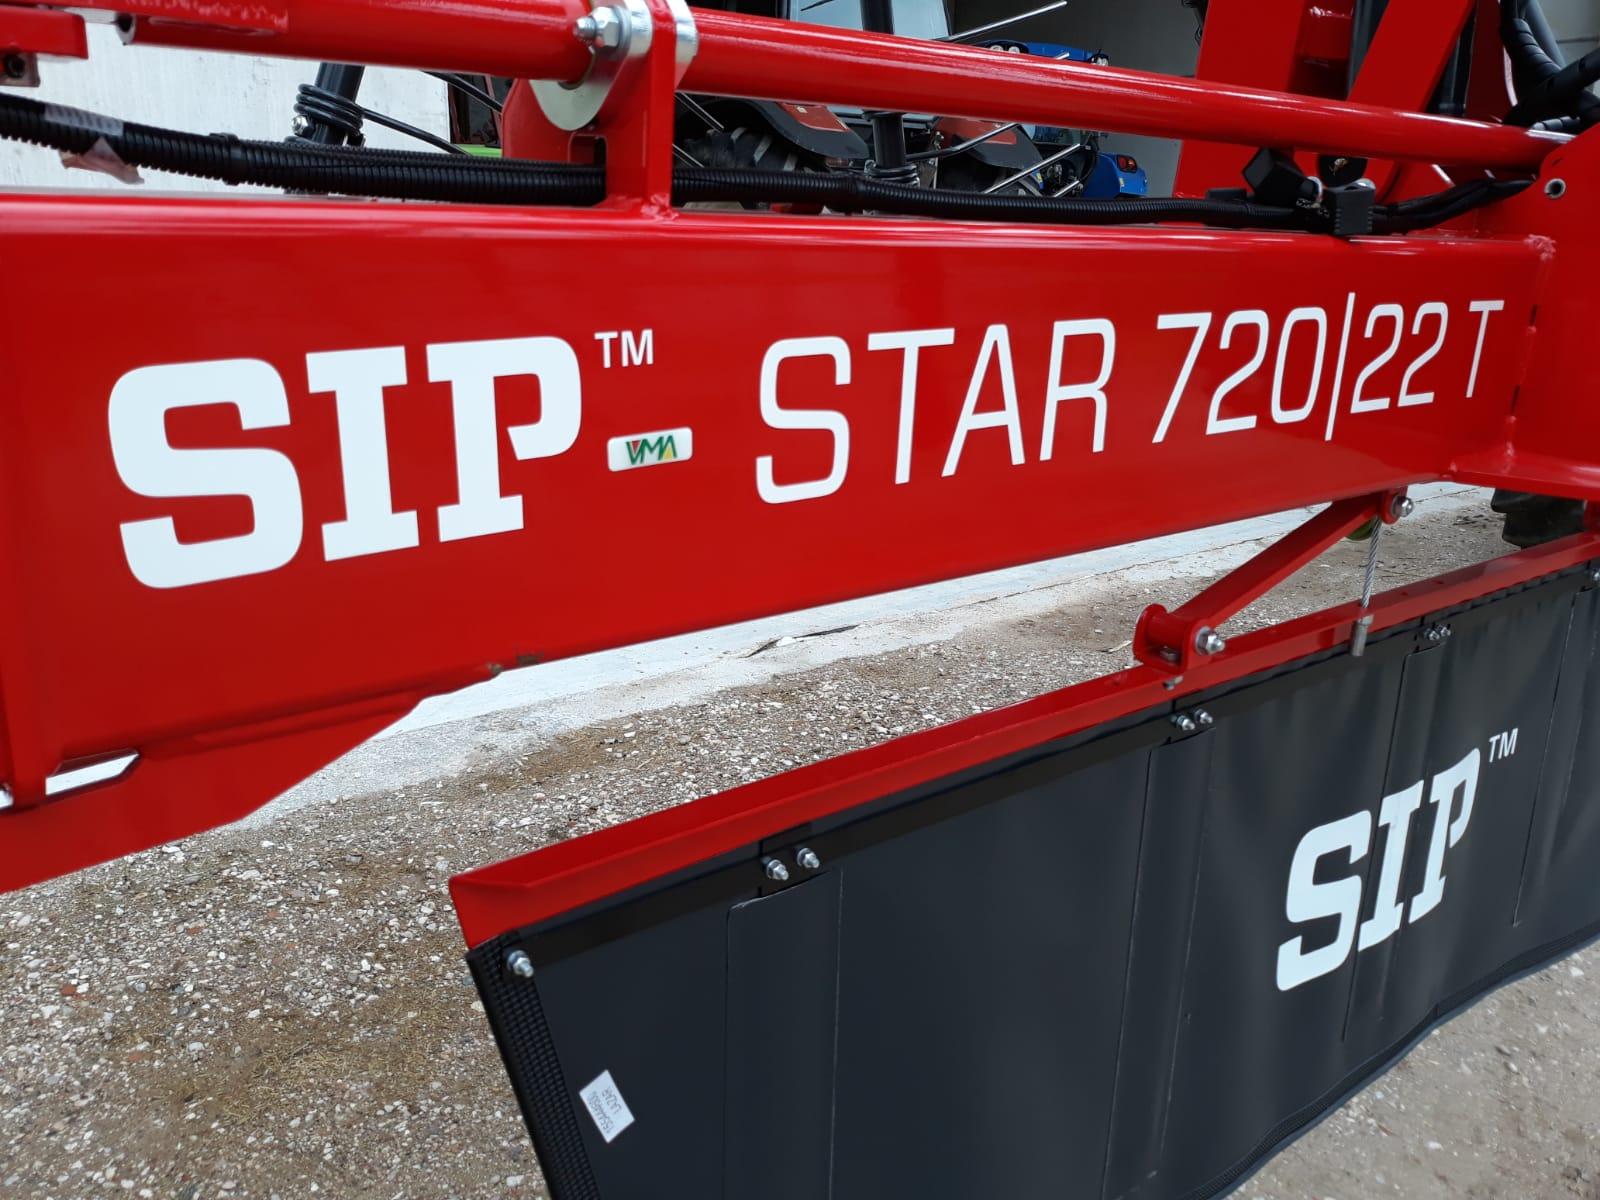 Giroranghinatore SIP Star 720